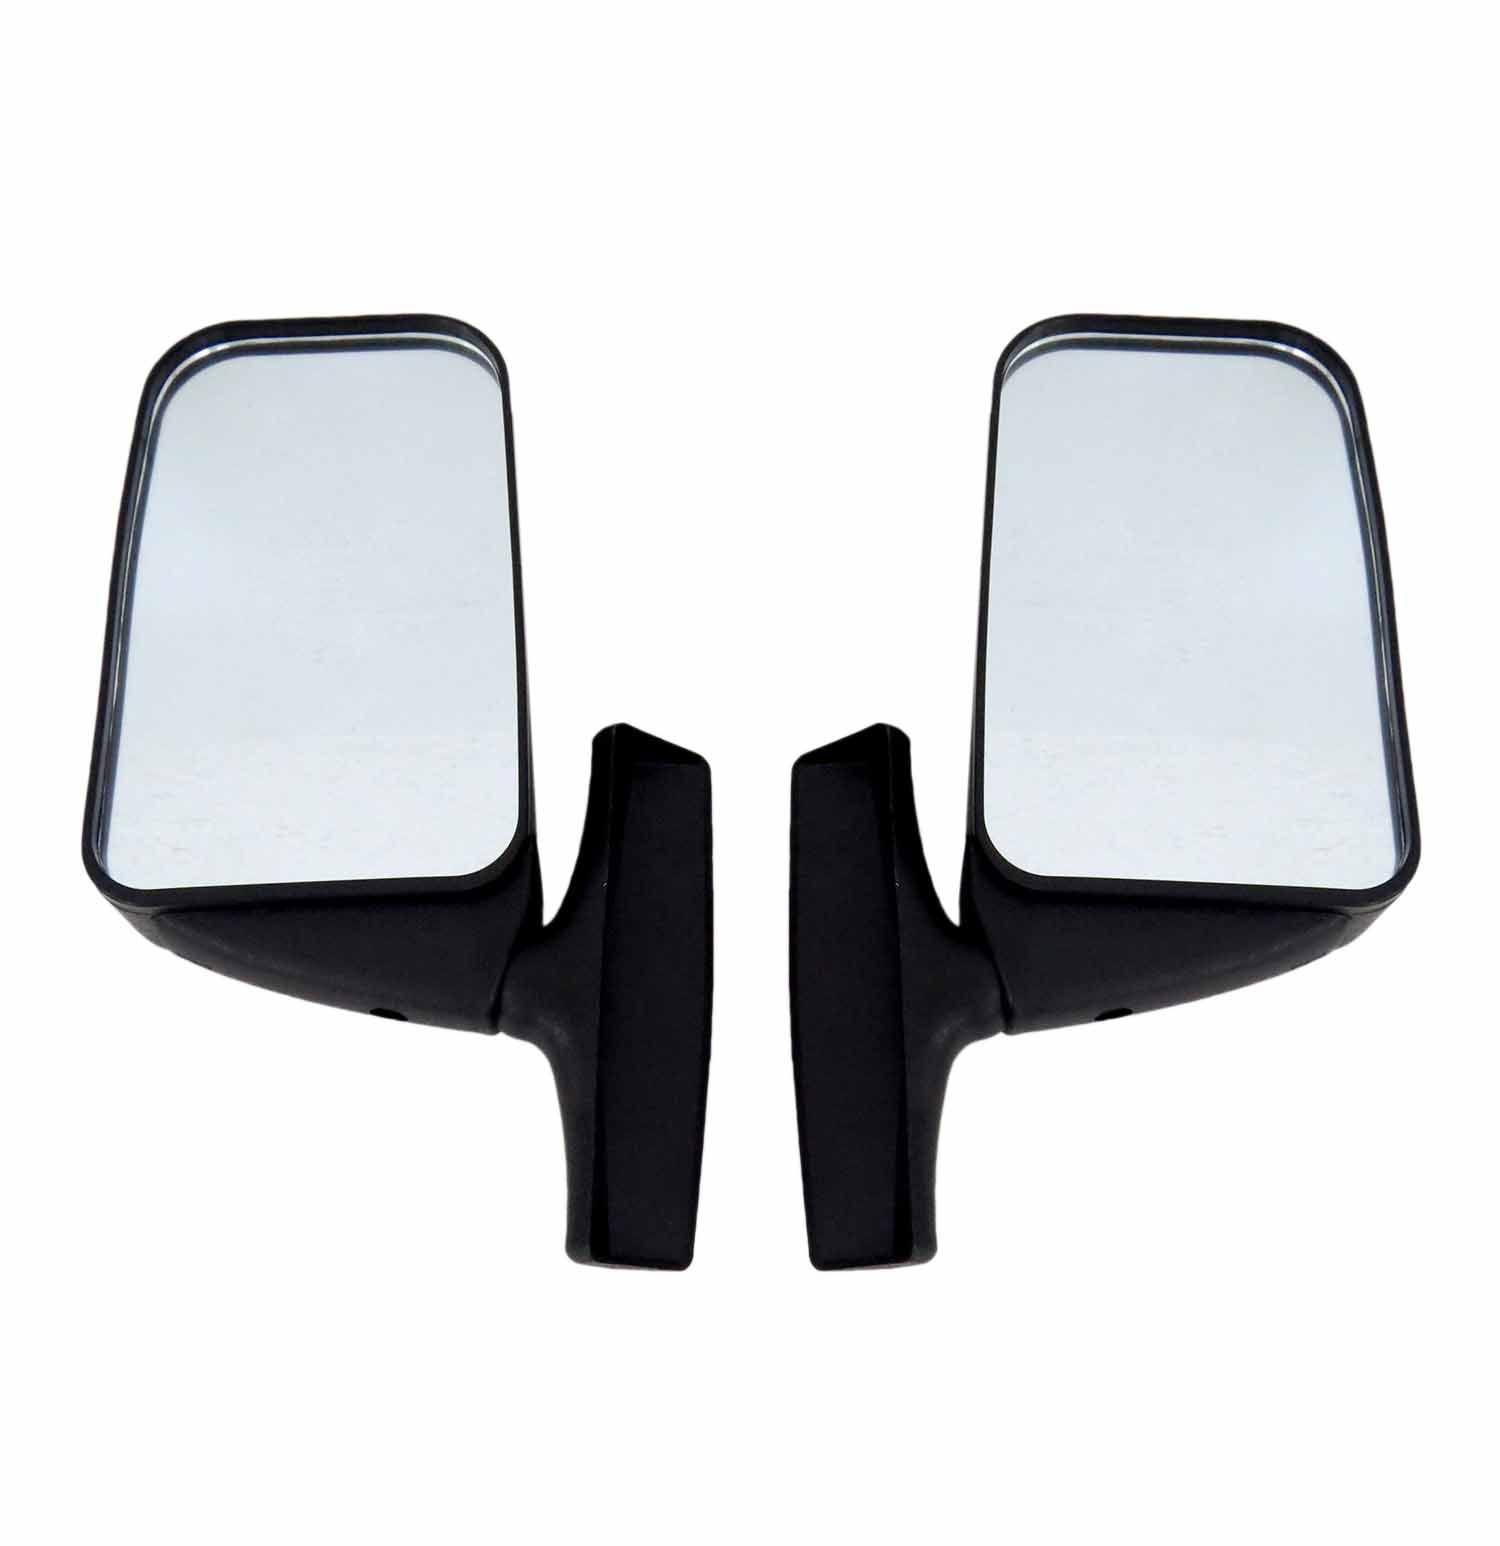 Espelho Retrovisor Lateral Para Carro Western